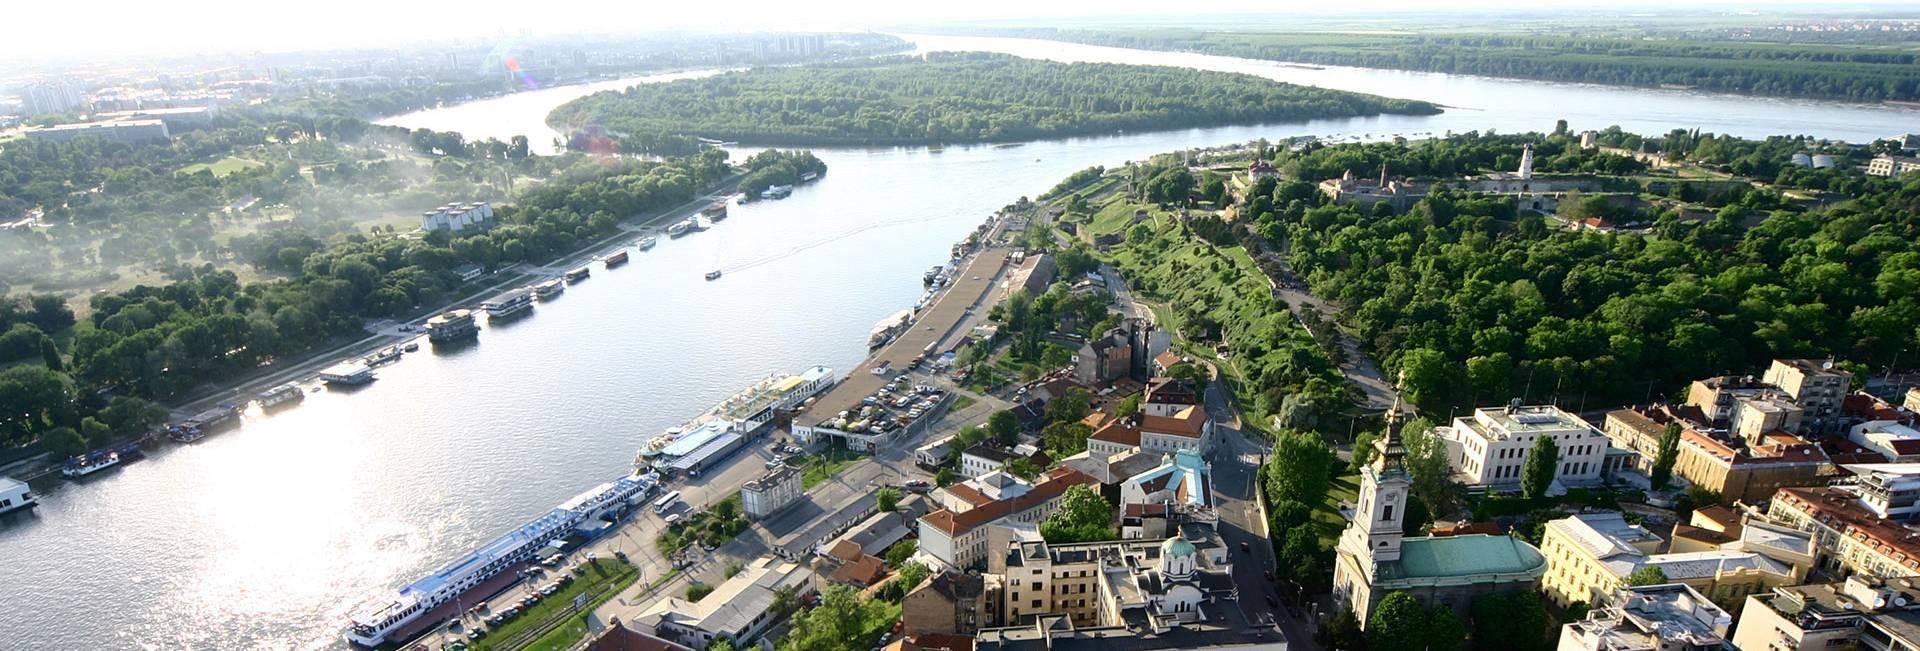 Belgrade, Serbia. Photo credit: Dragan Bosnic, Branko Jovanovic, Srdjan Veljovic, NTOS archive